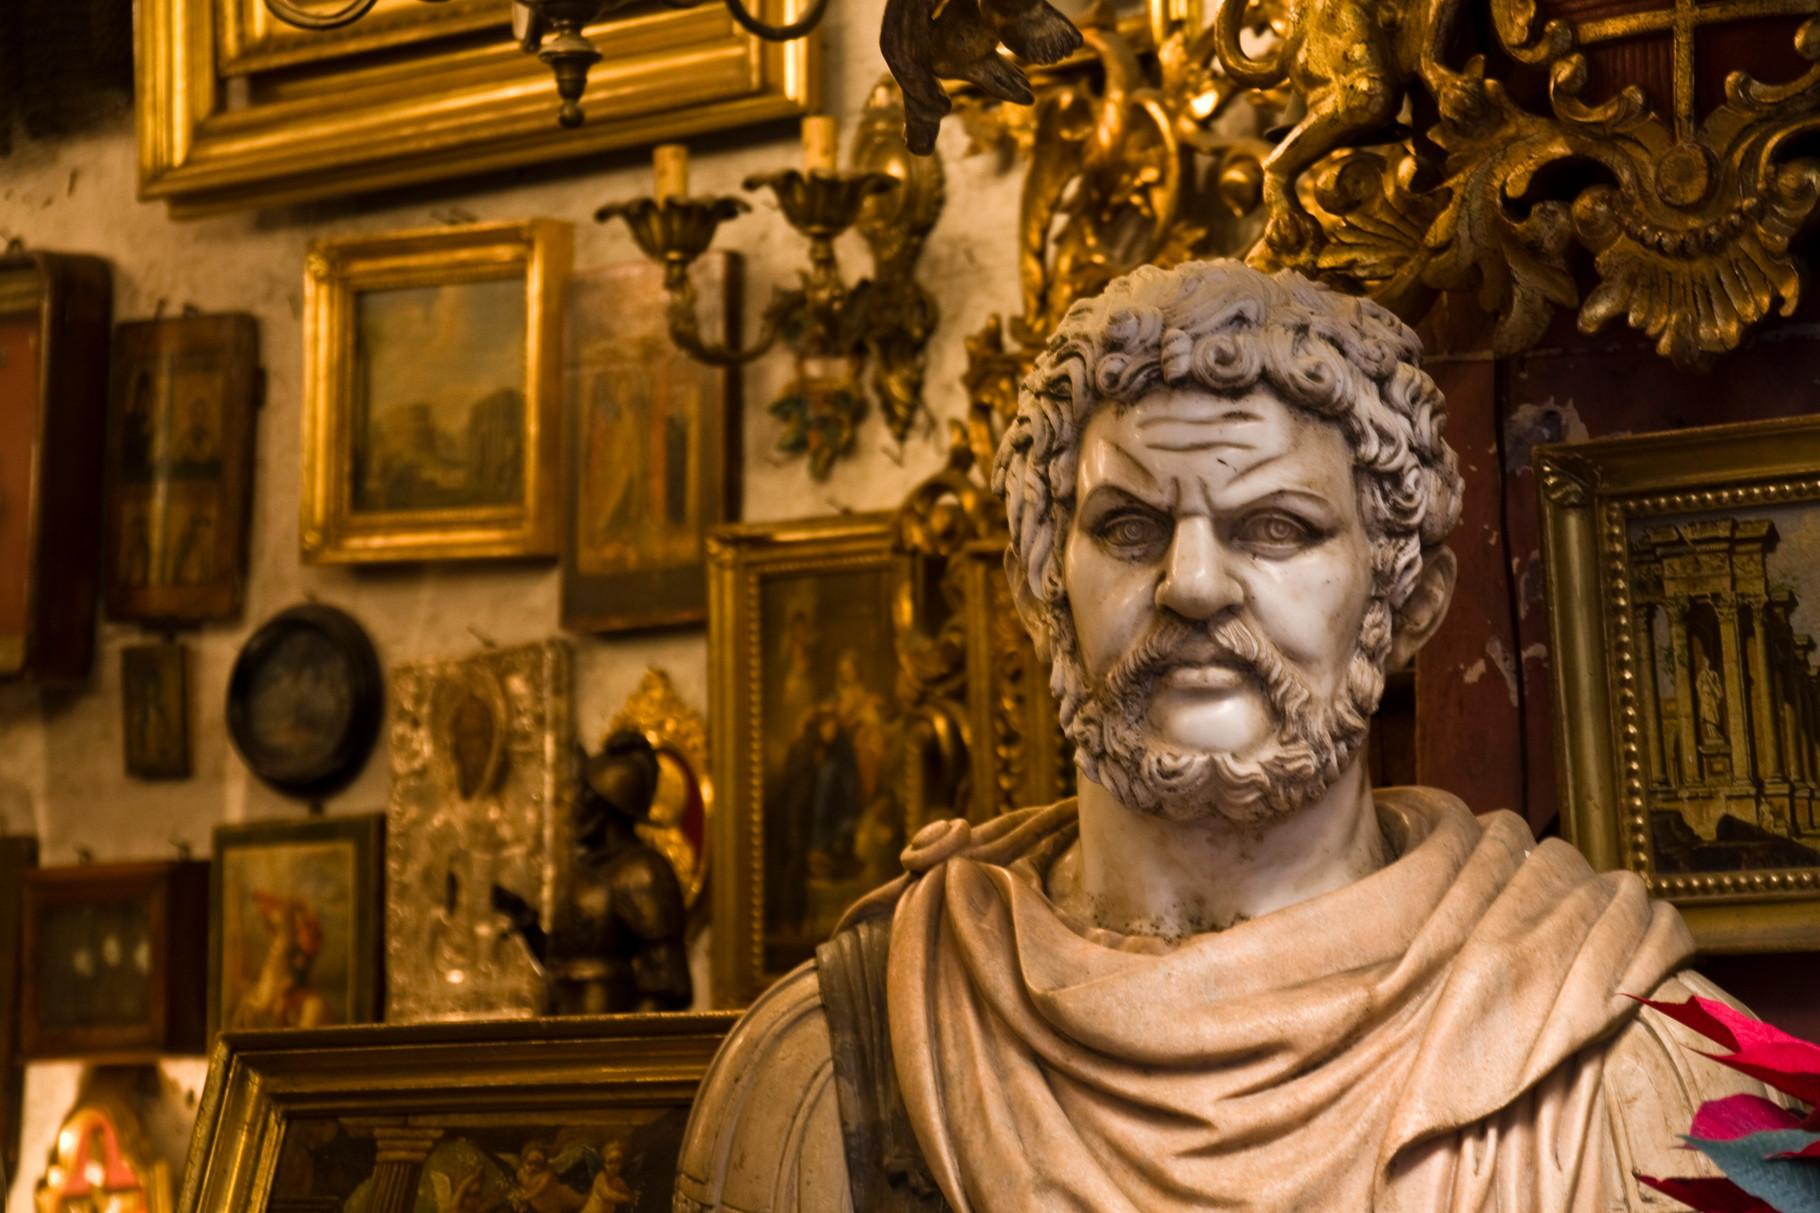 17_Rom - Antiquitätenladen.